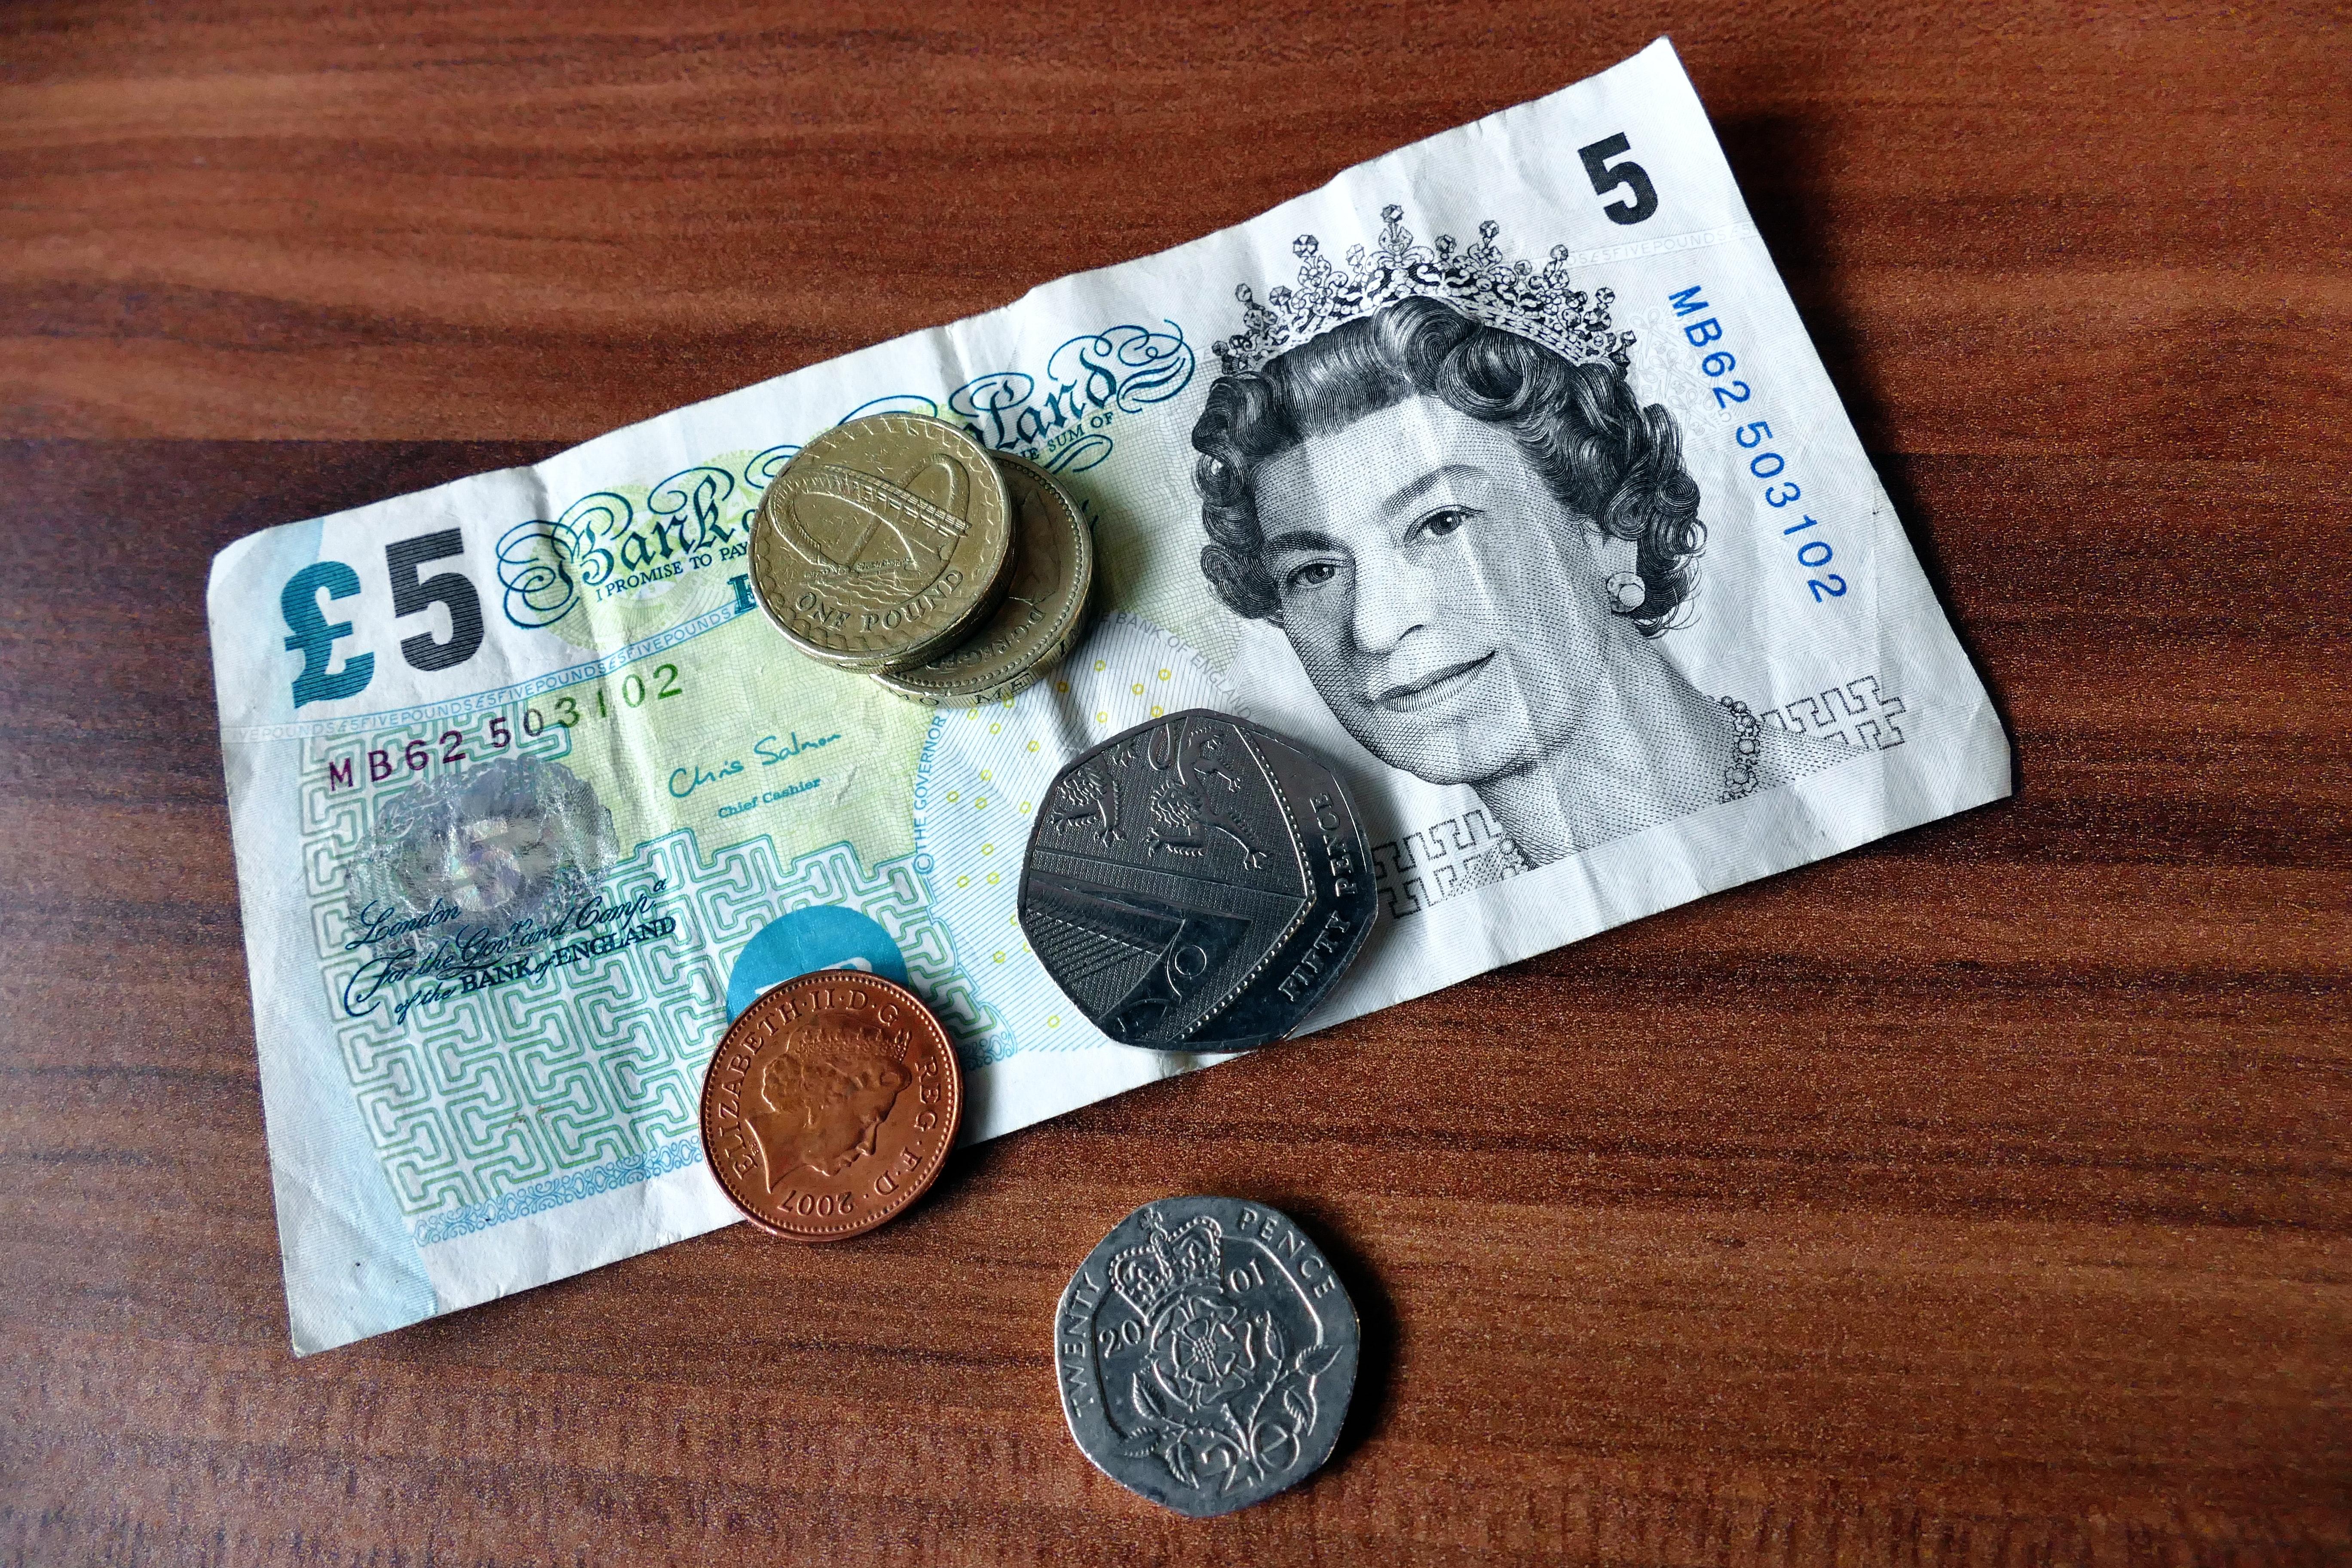 bank-notes-bills-cash-commerce-139050